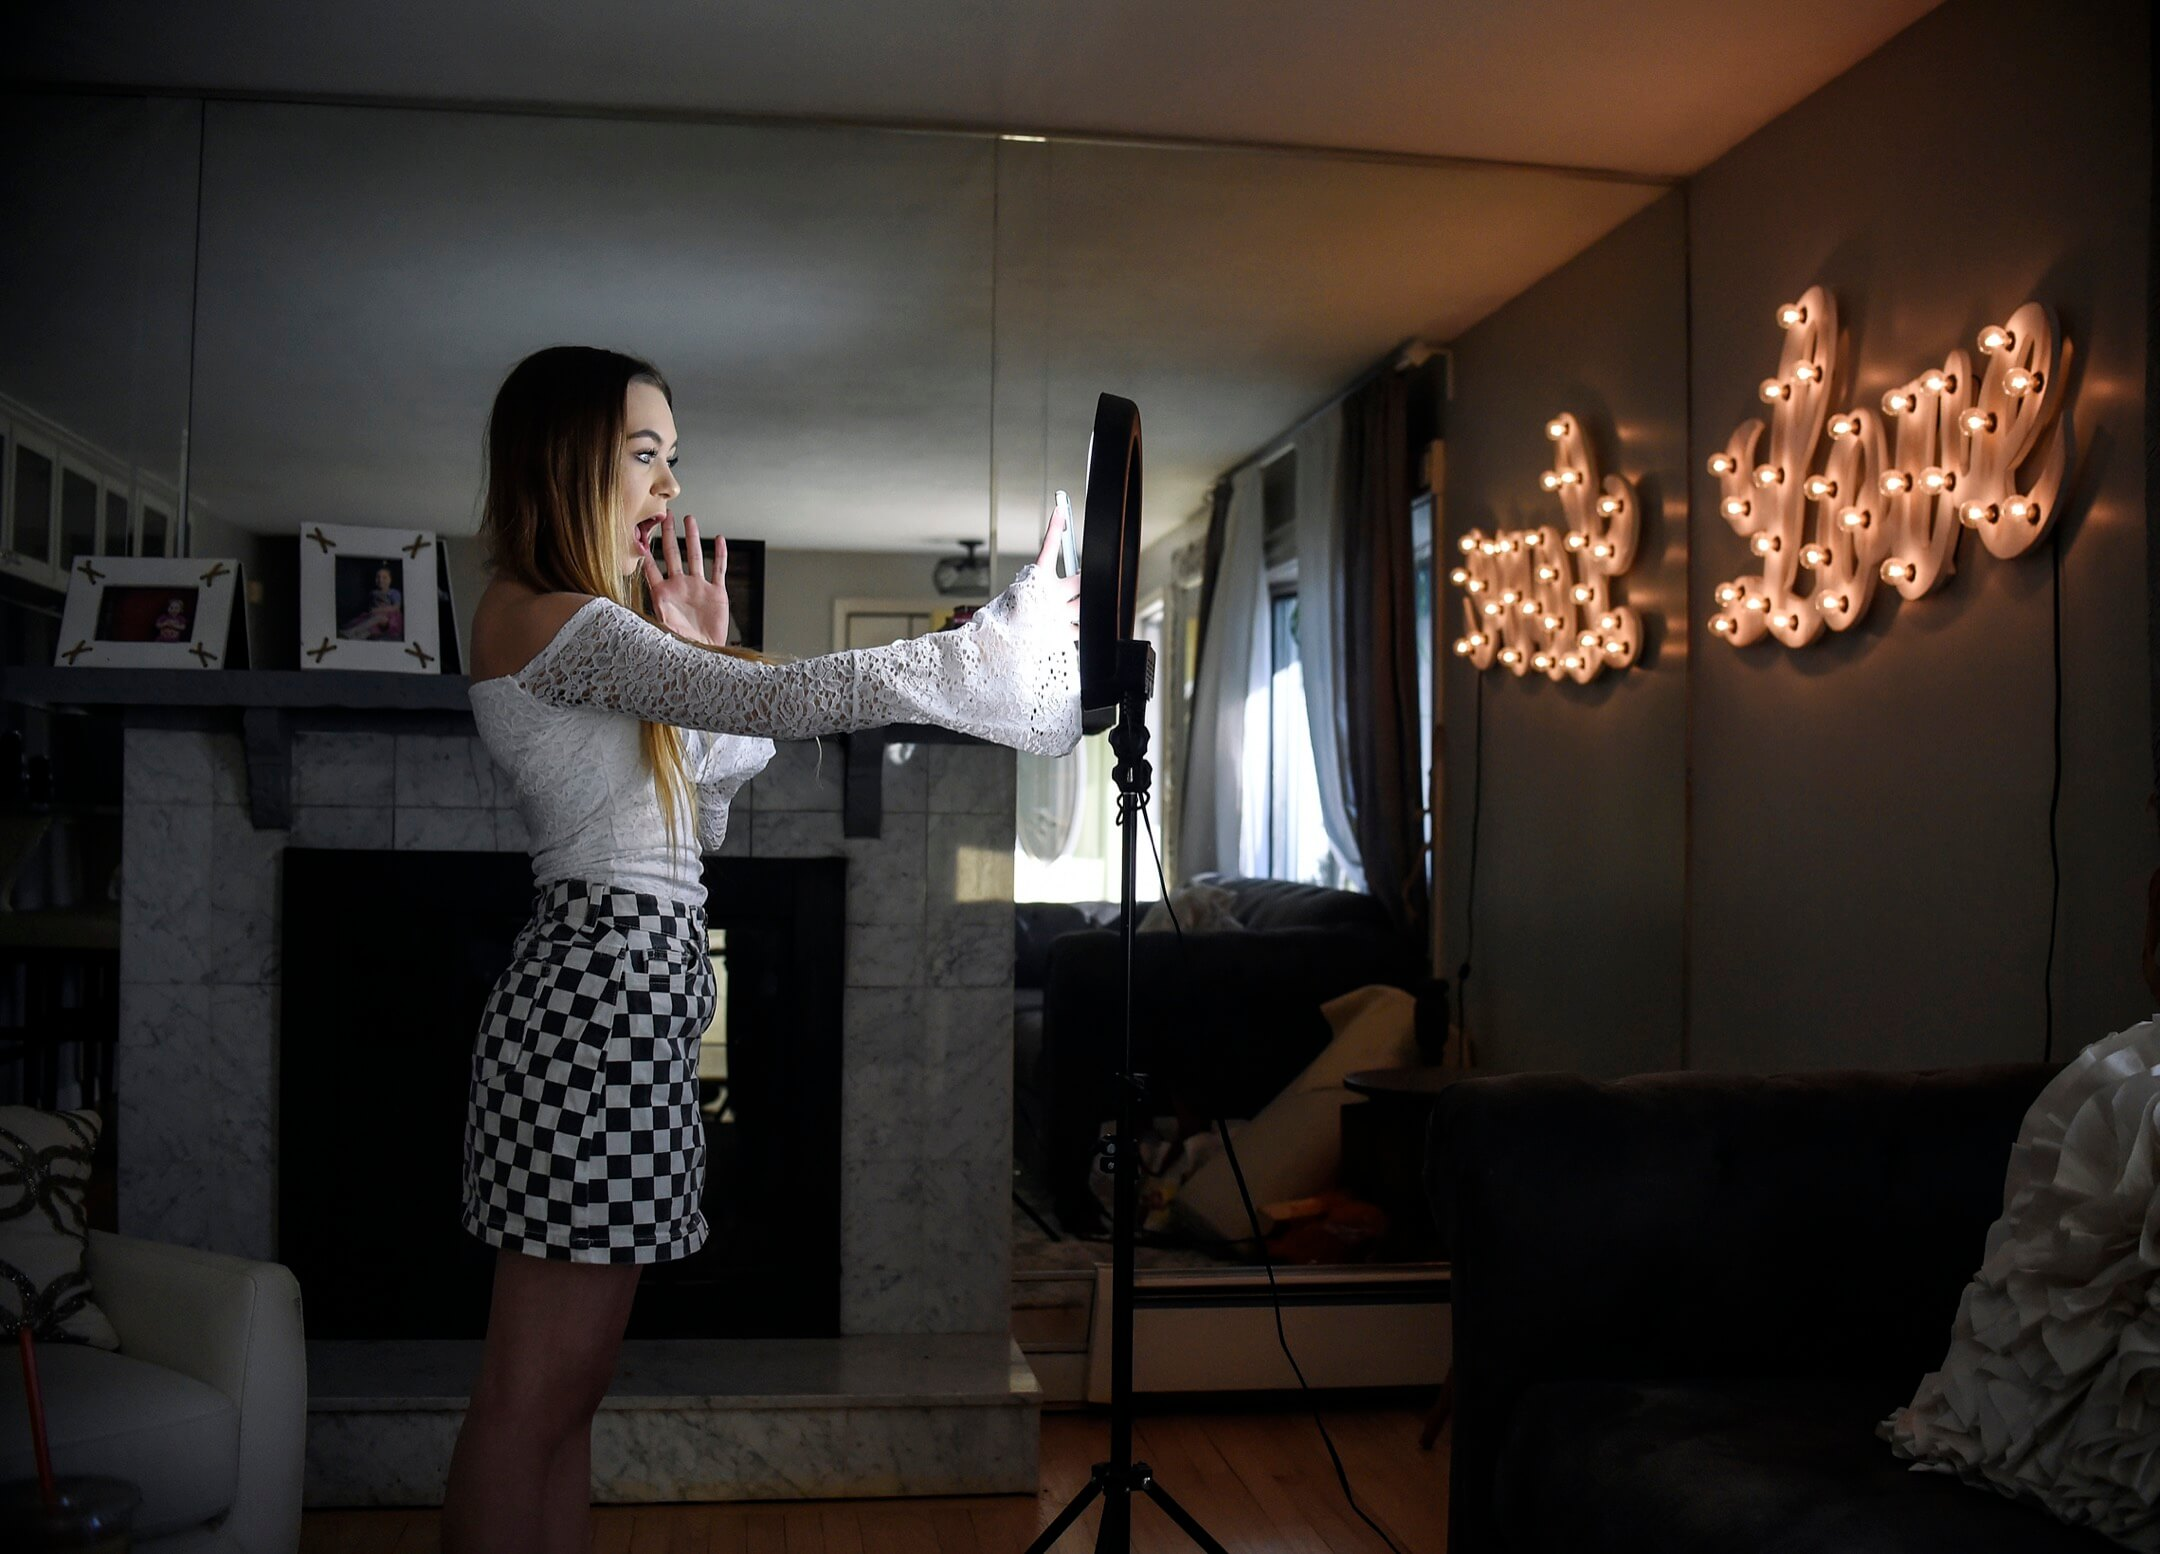 一名少女在拍攝Musical.ly視頻。Musical.ly是TikTok的前身,在2018年被抖音收購。 攝:Jessica Hill/AP